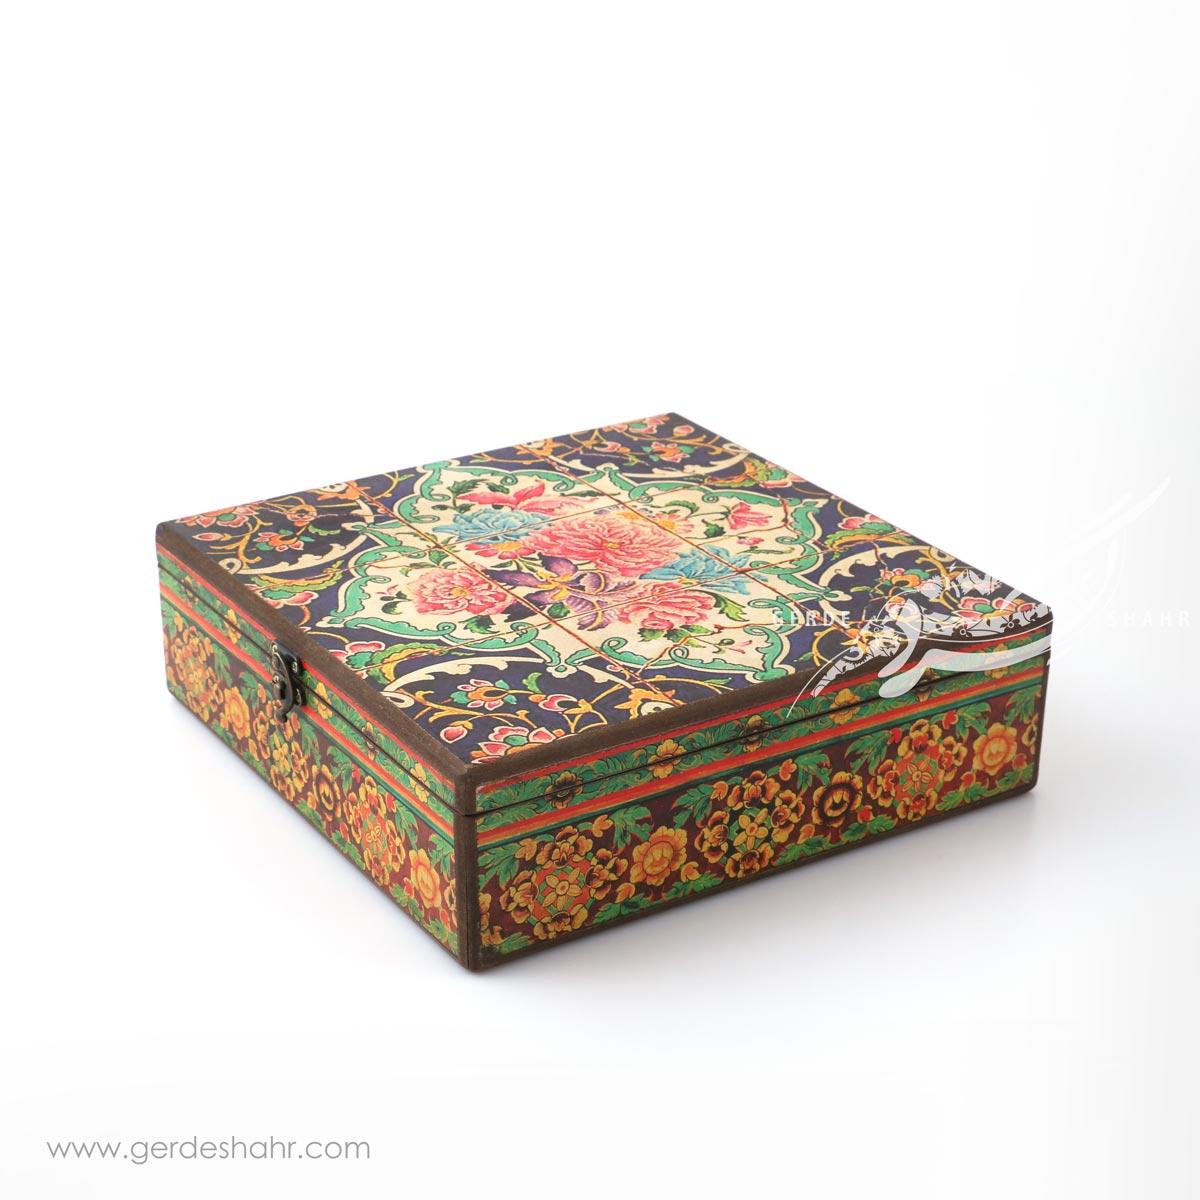 جعبه چوبی دریچه سایز 30 هفتگان اکسسوری